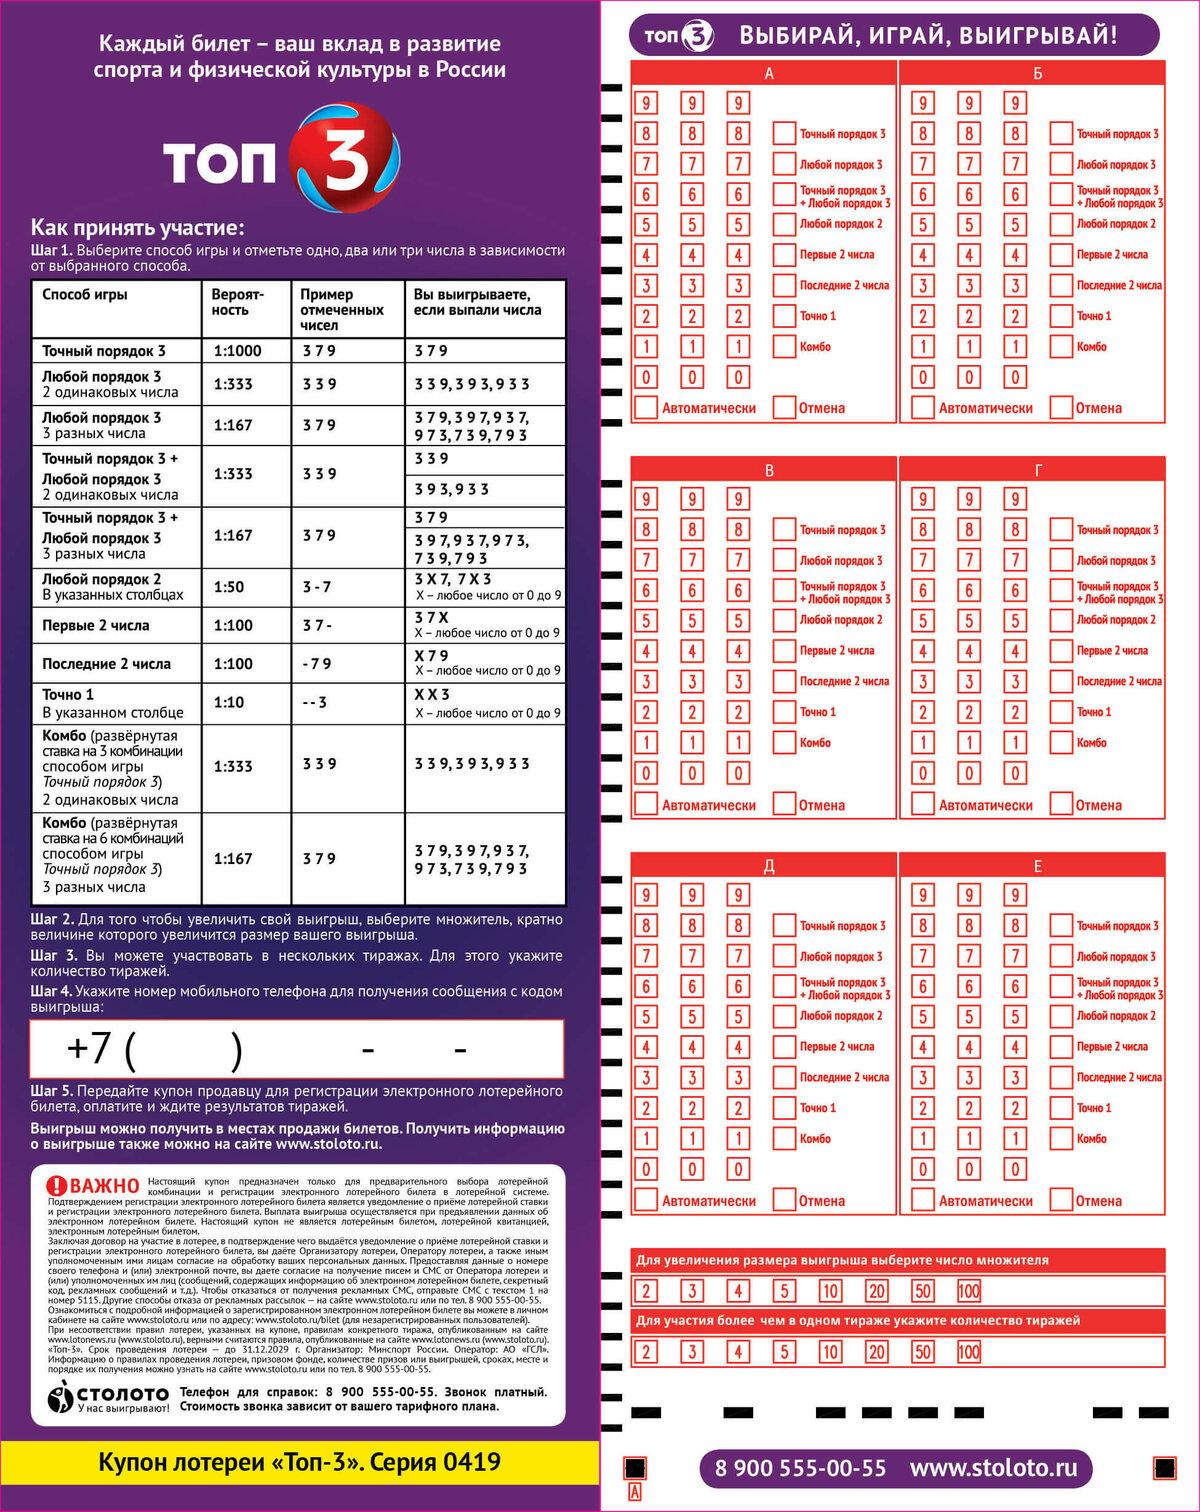 Лотерея топ-3 – купить лотерейные билеты топ-3 от официального сайта столото